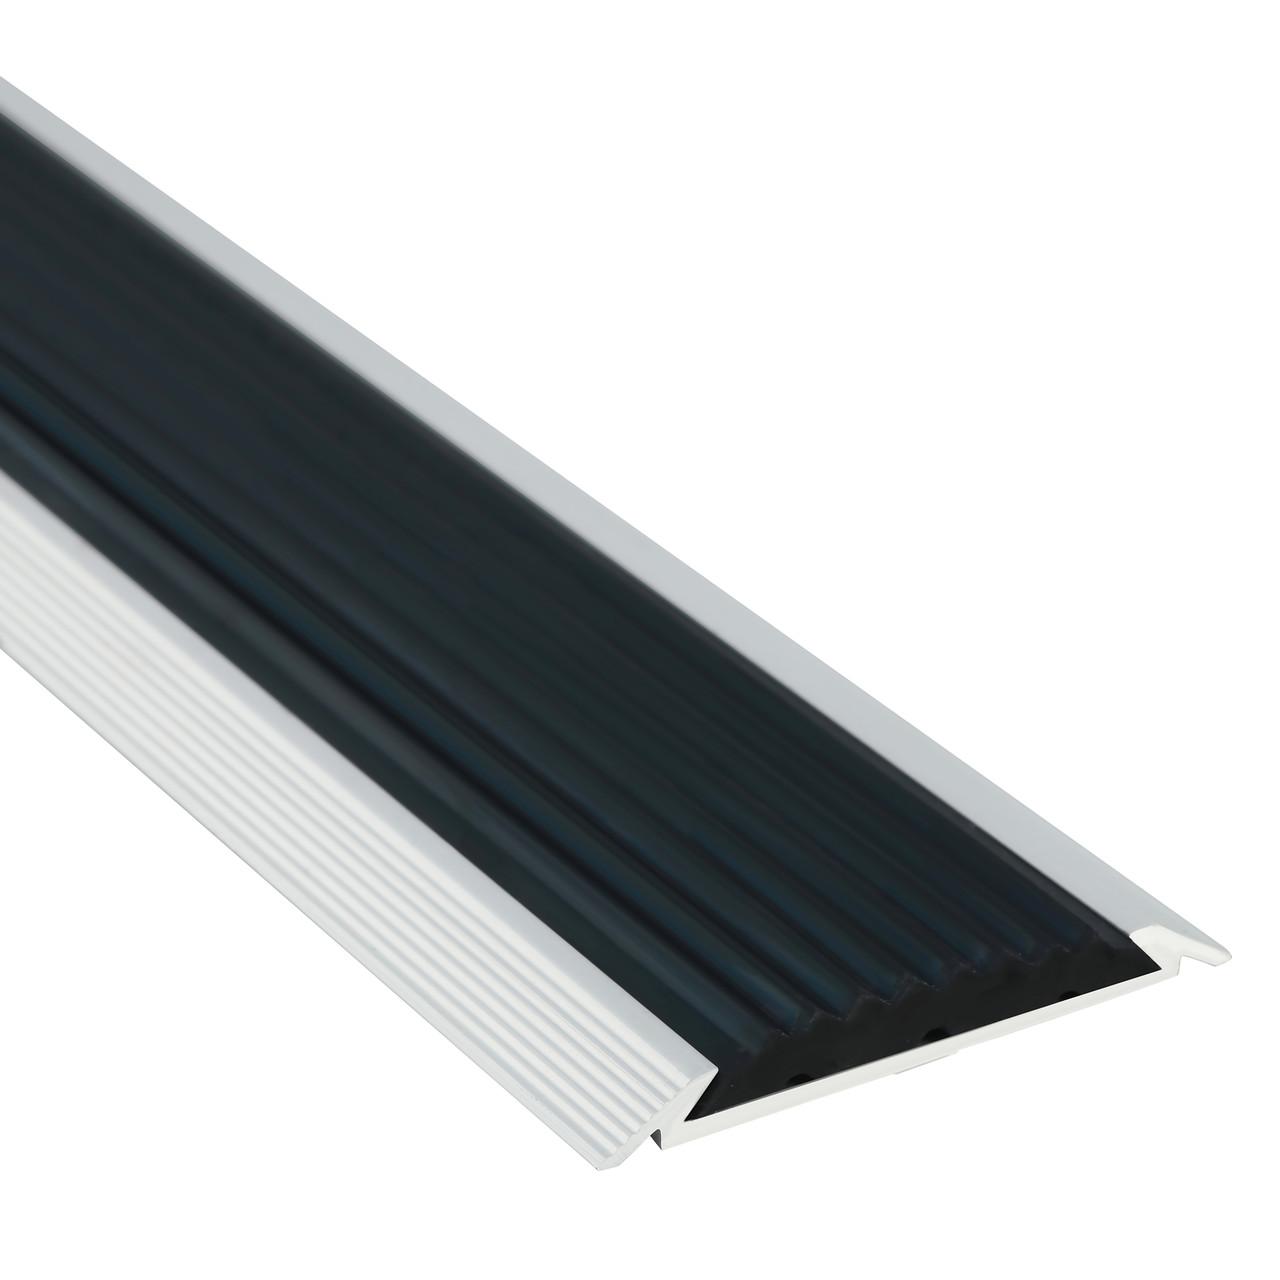 Алюминиевый профиль одноуровневый рифленый с противоскользящей вставкой без покрытия 50мм х 1 м (10 шт в уп)